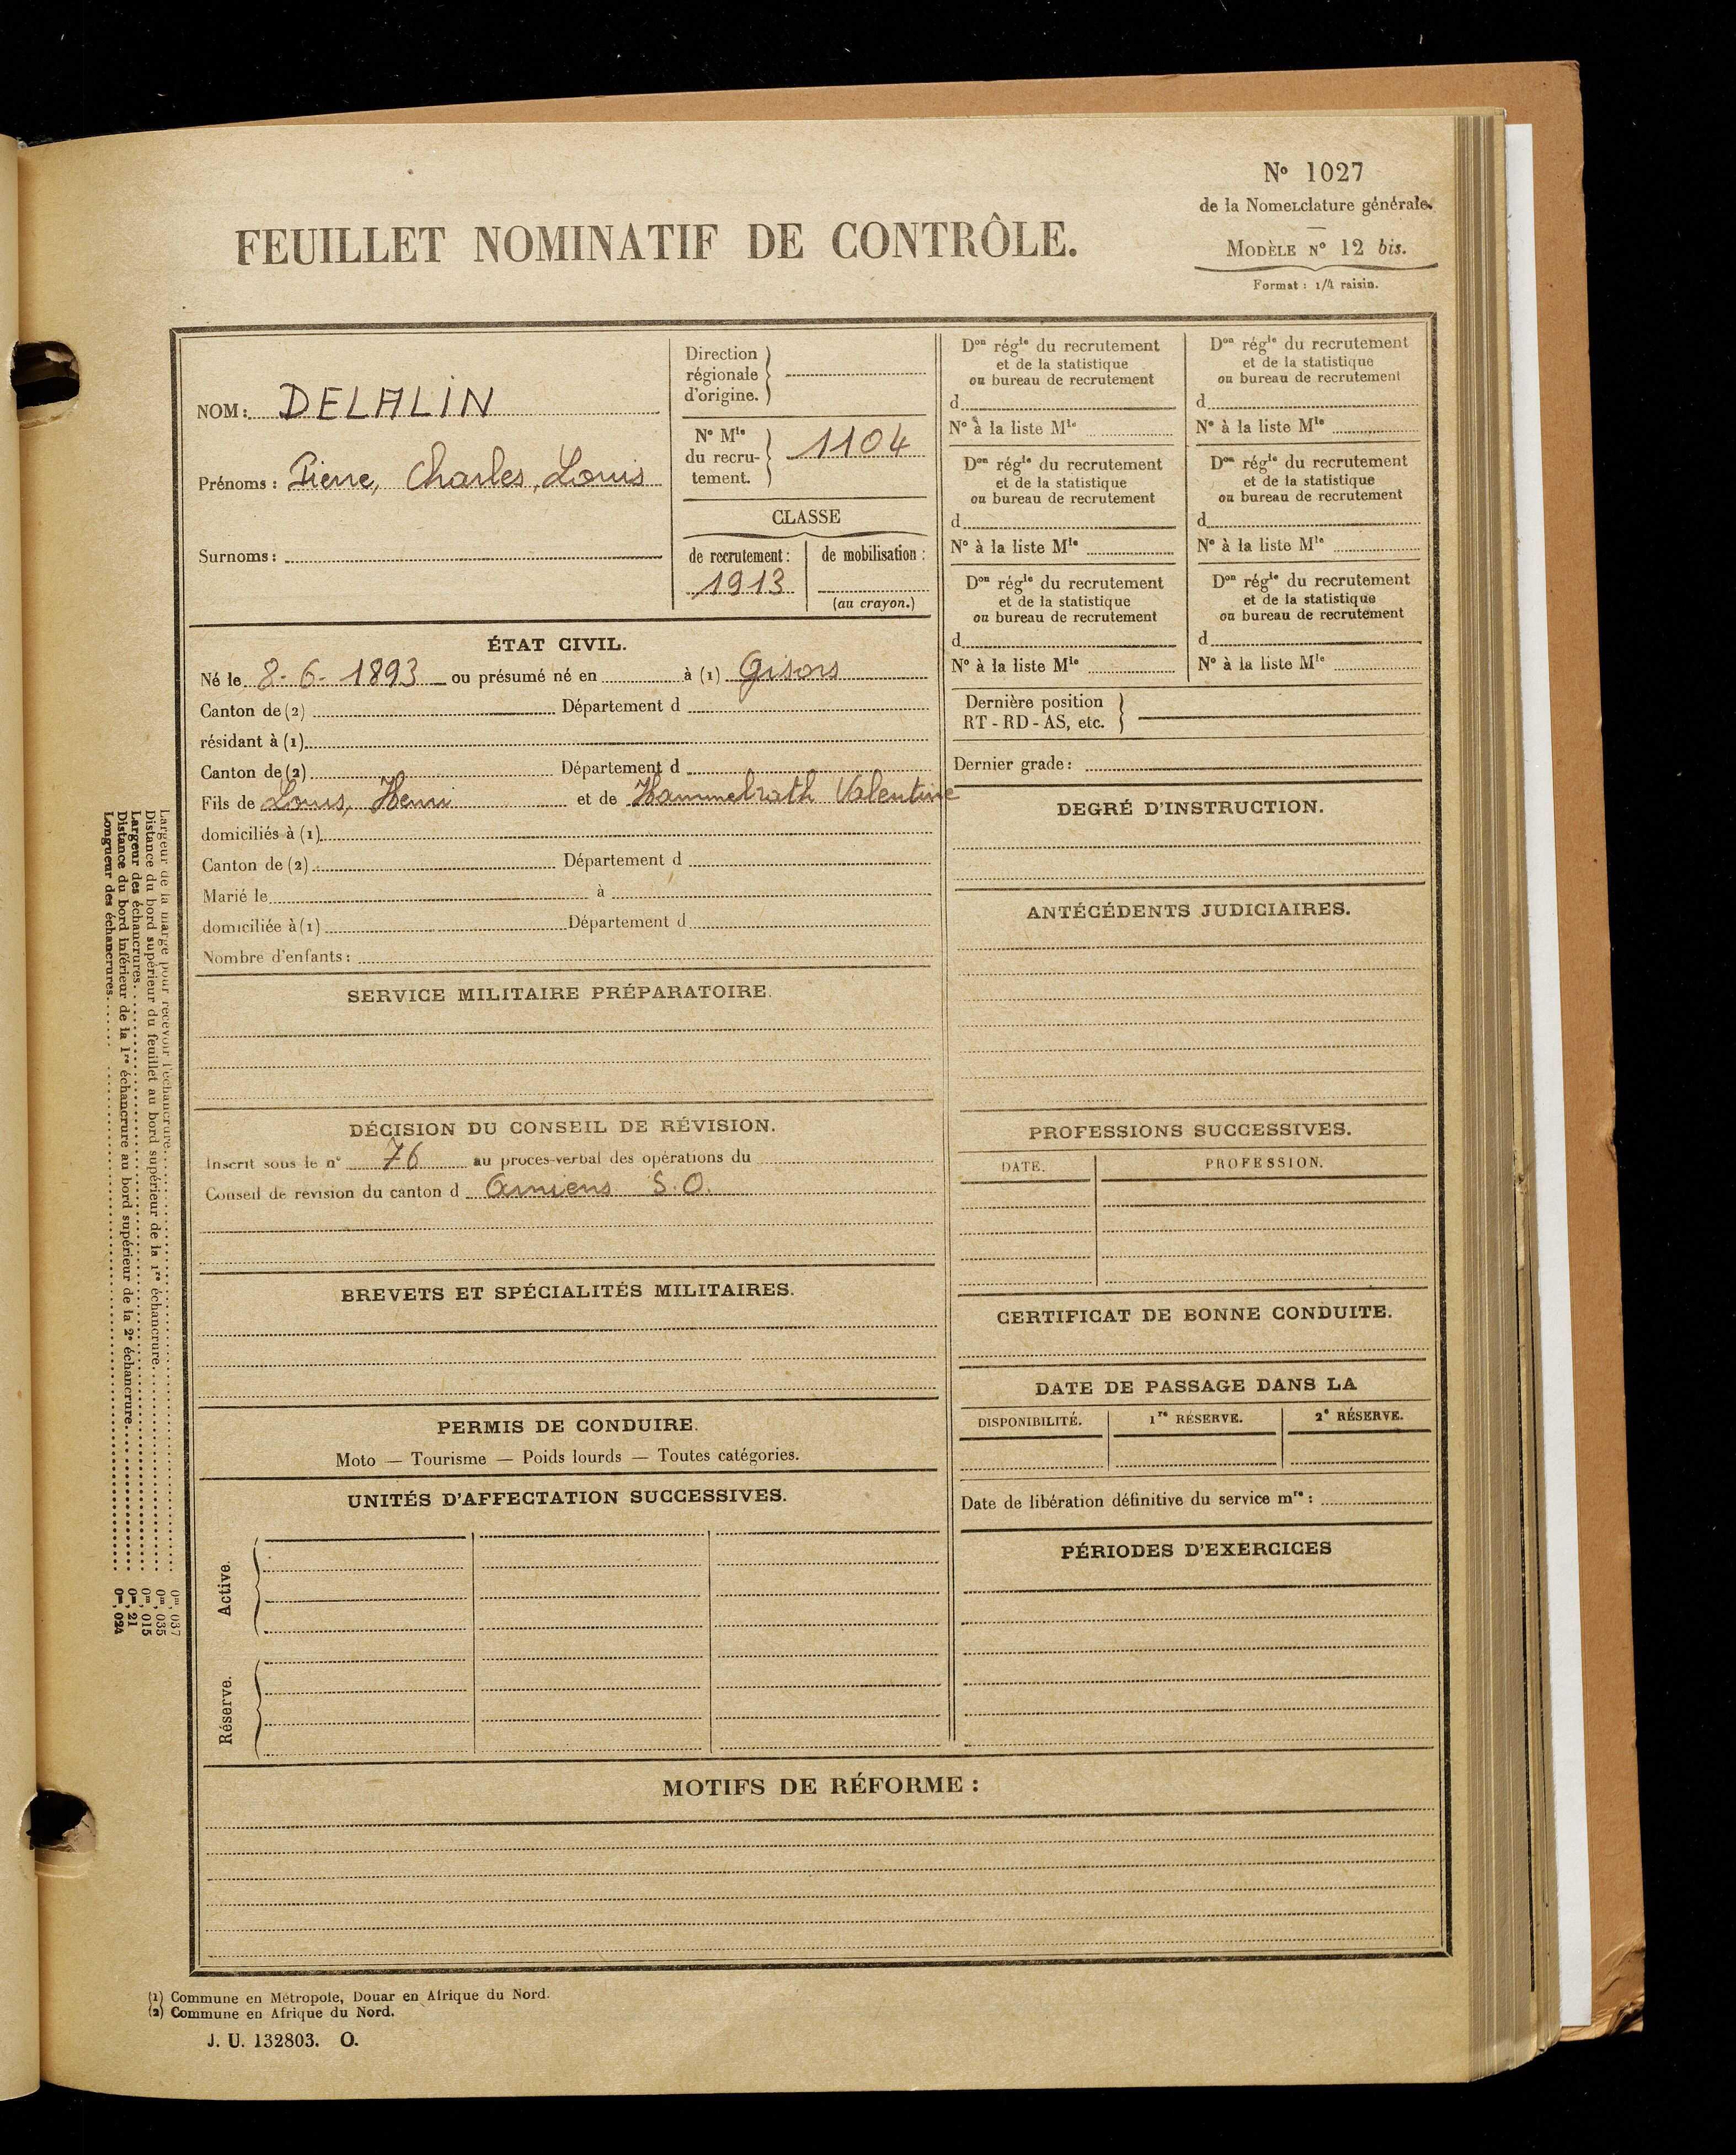 Delalin, Pierre Charles Louis, né le 08 juin 1893 à Gisors (Eure), classe 1913, matricule n° 1104, Bureau de recrutement d'Amiens